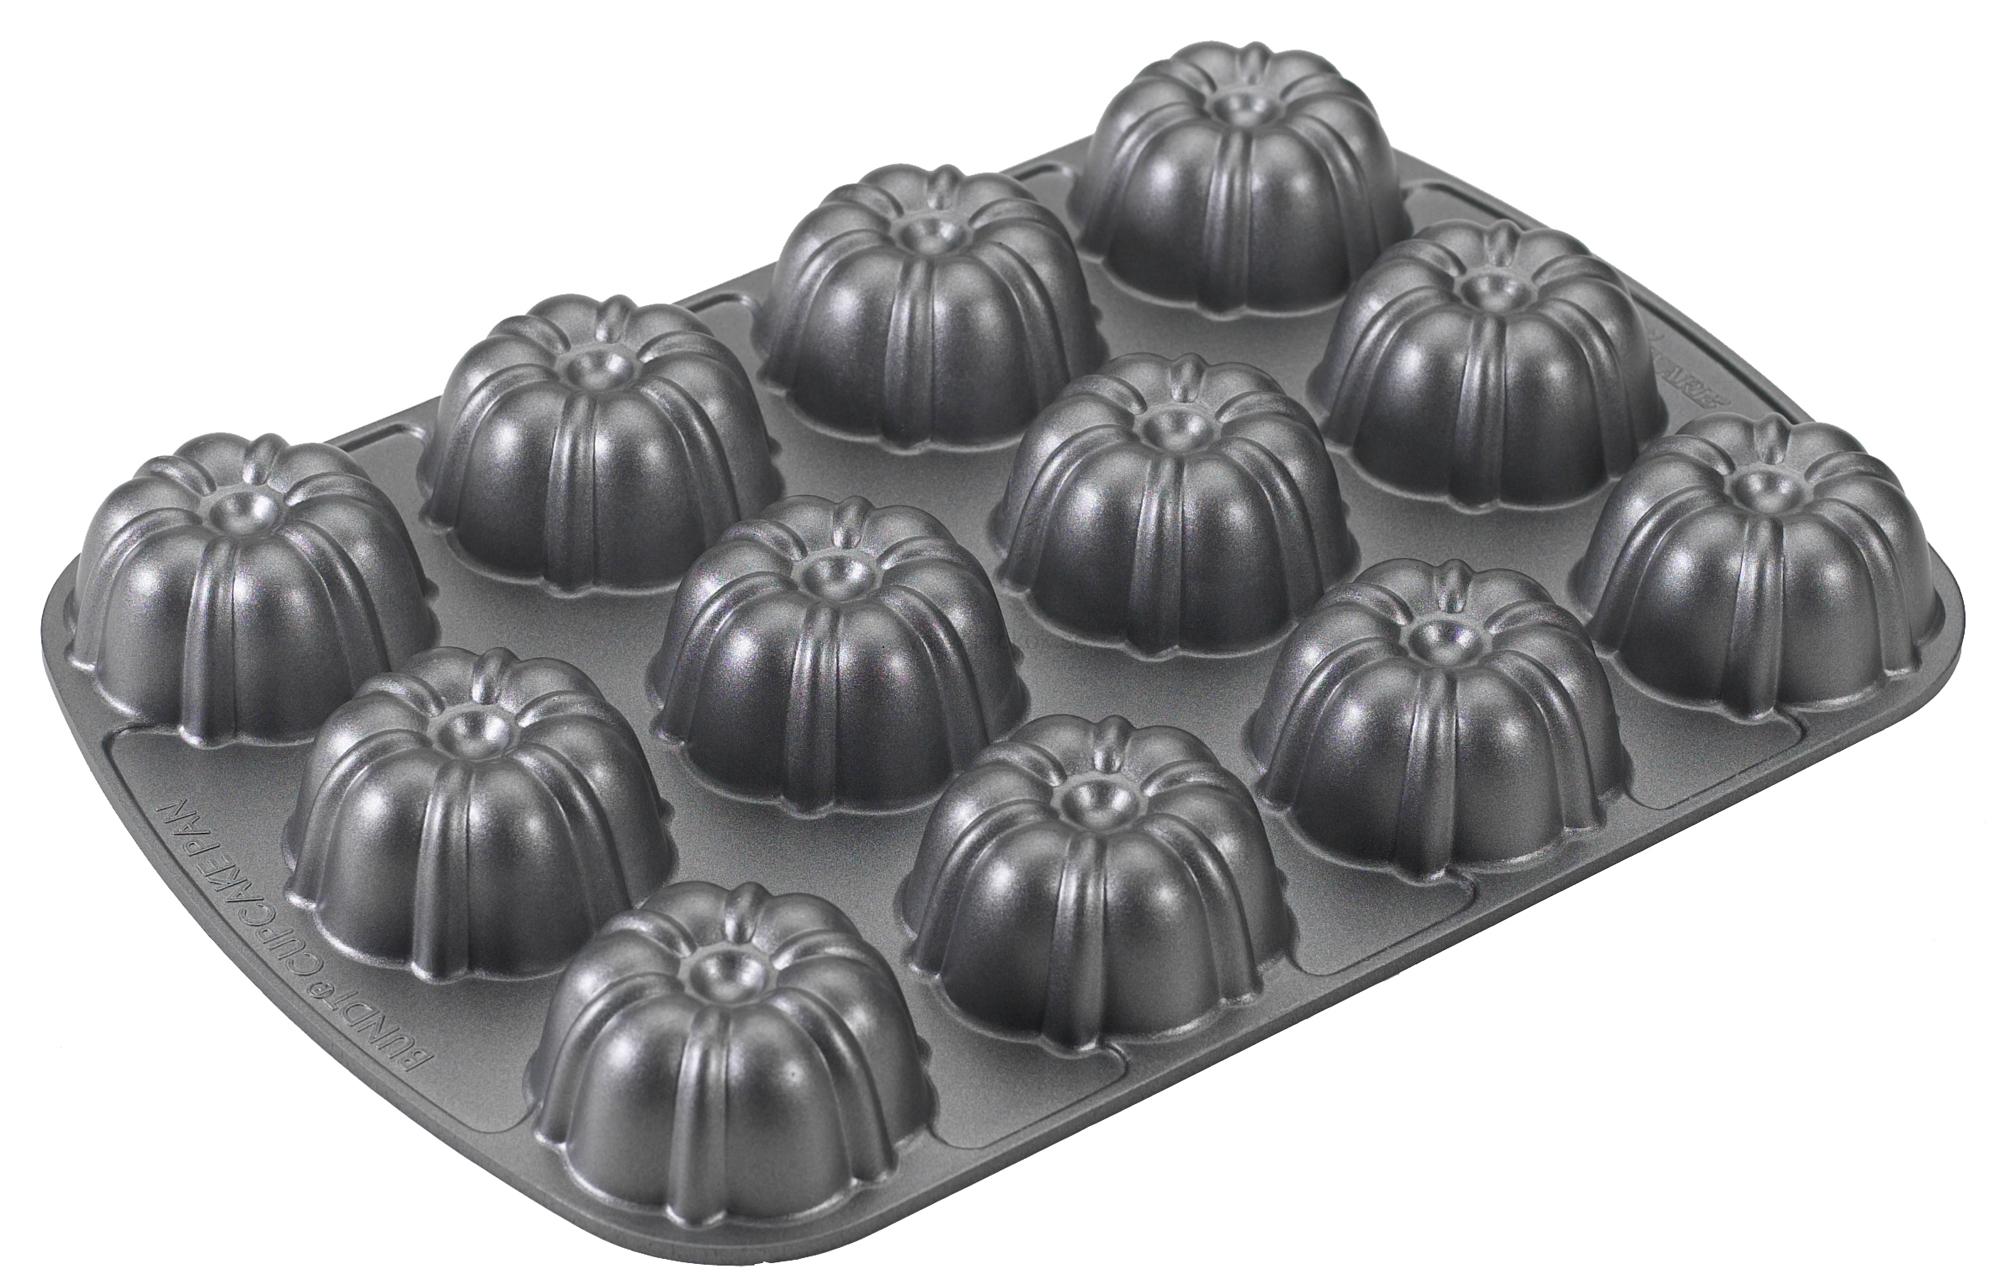 Nordic Ware Kakform Brownie & Cupcake